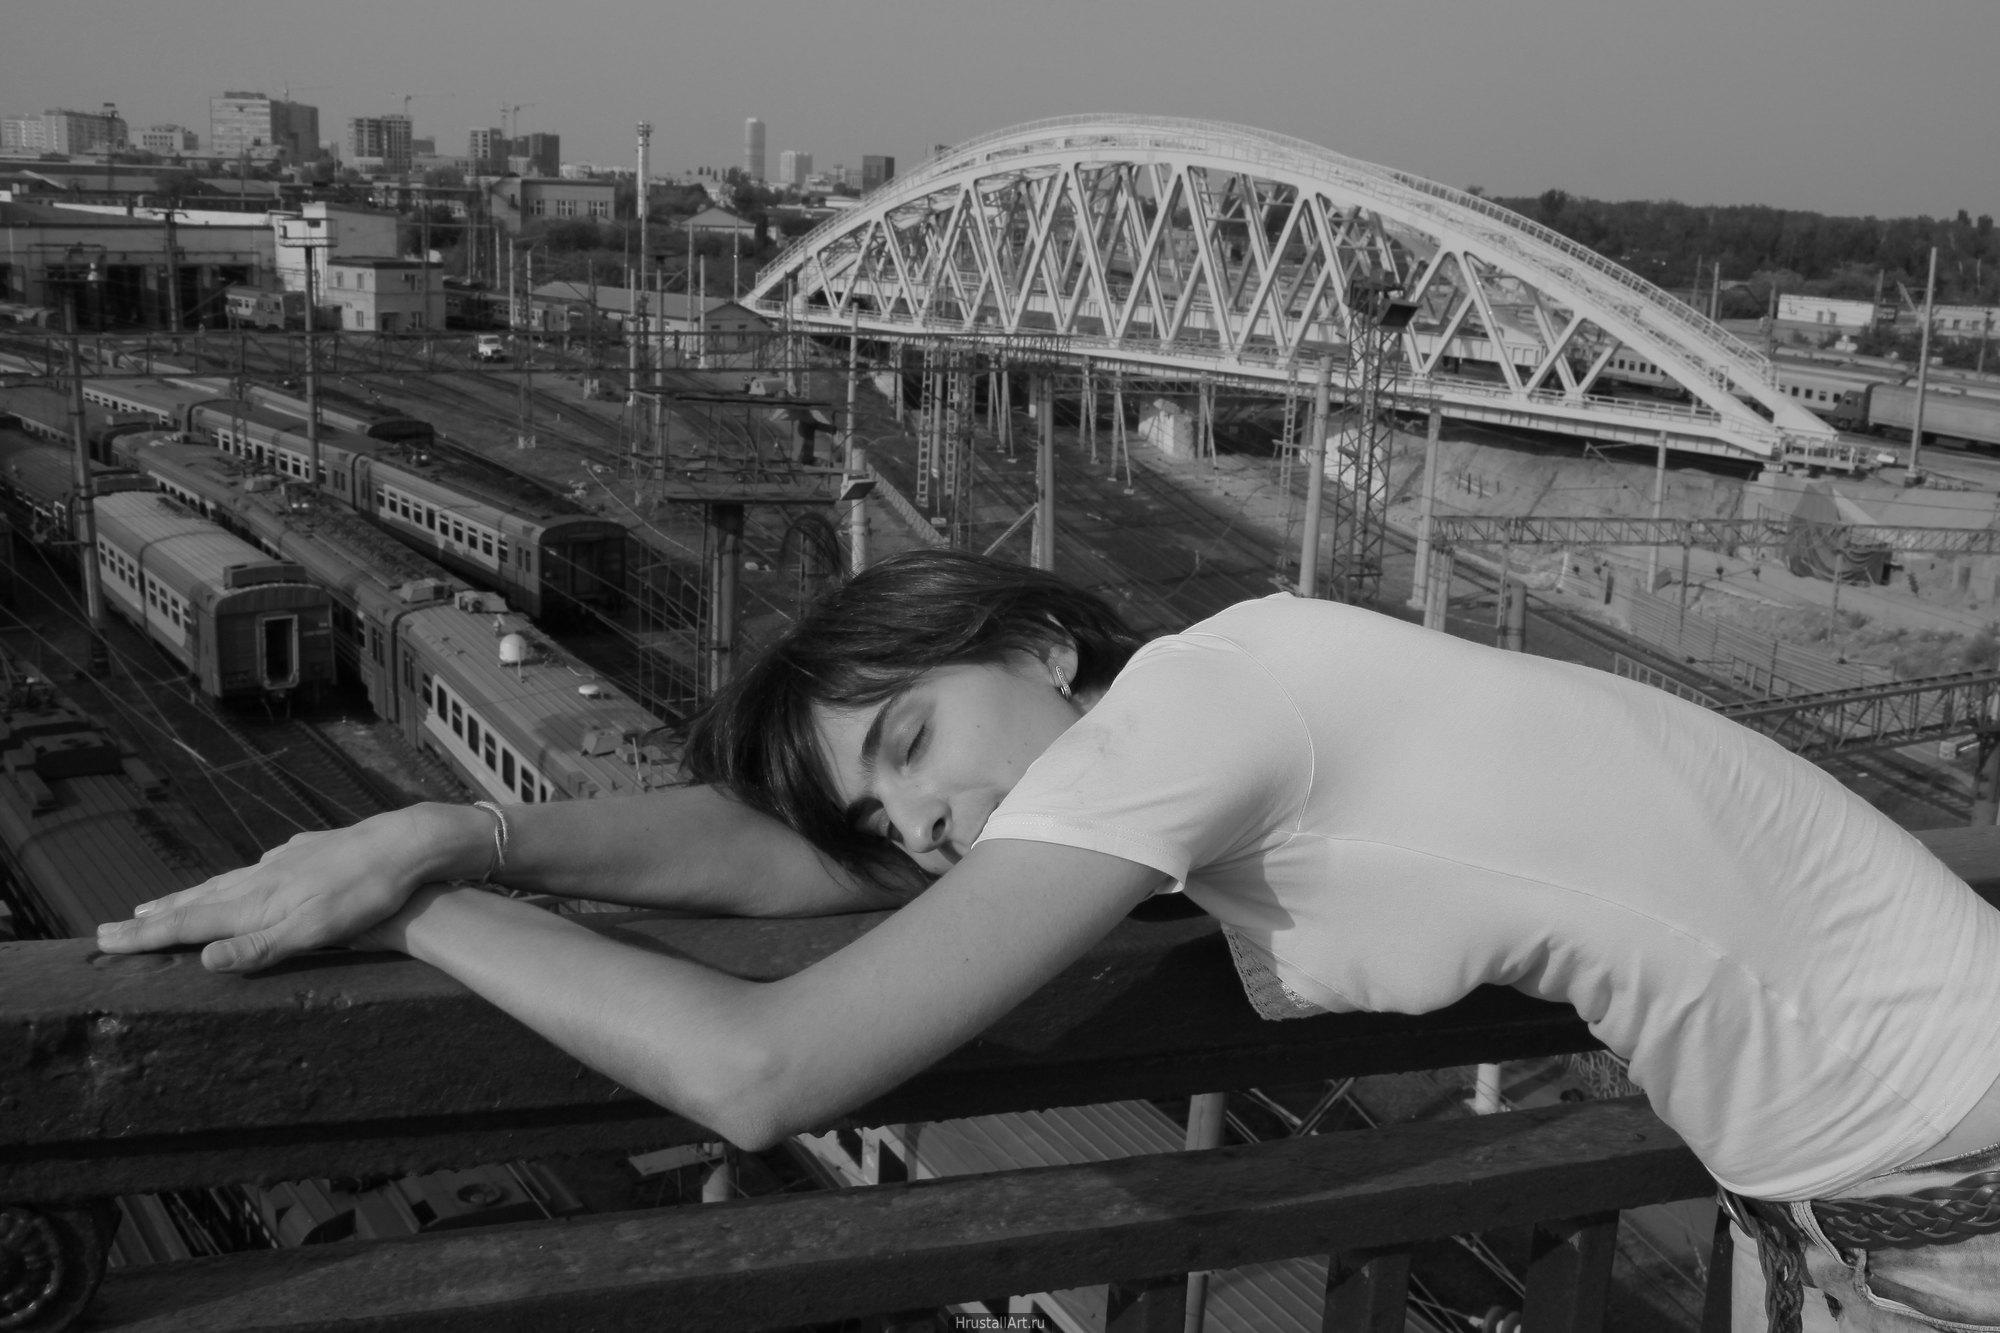 Арки железнодорожного проезда напоминают белые крылья над склонившейся девушкой.